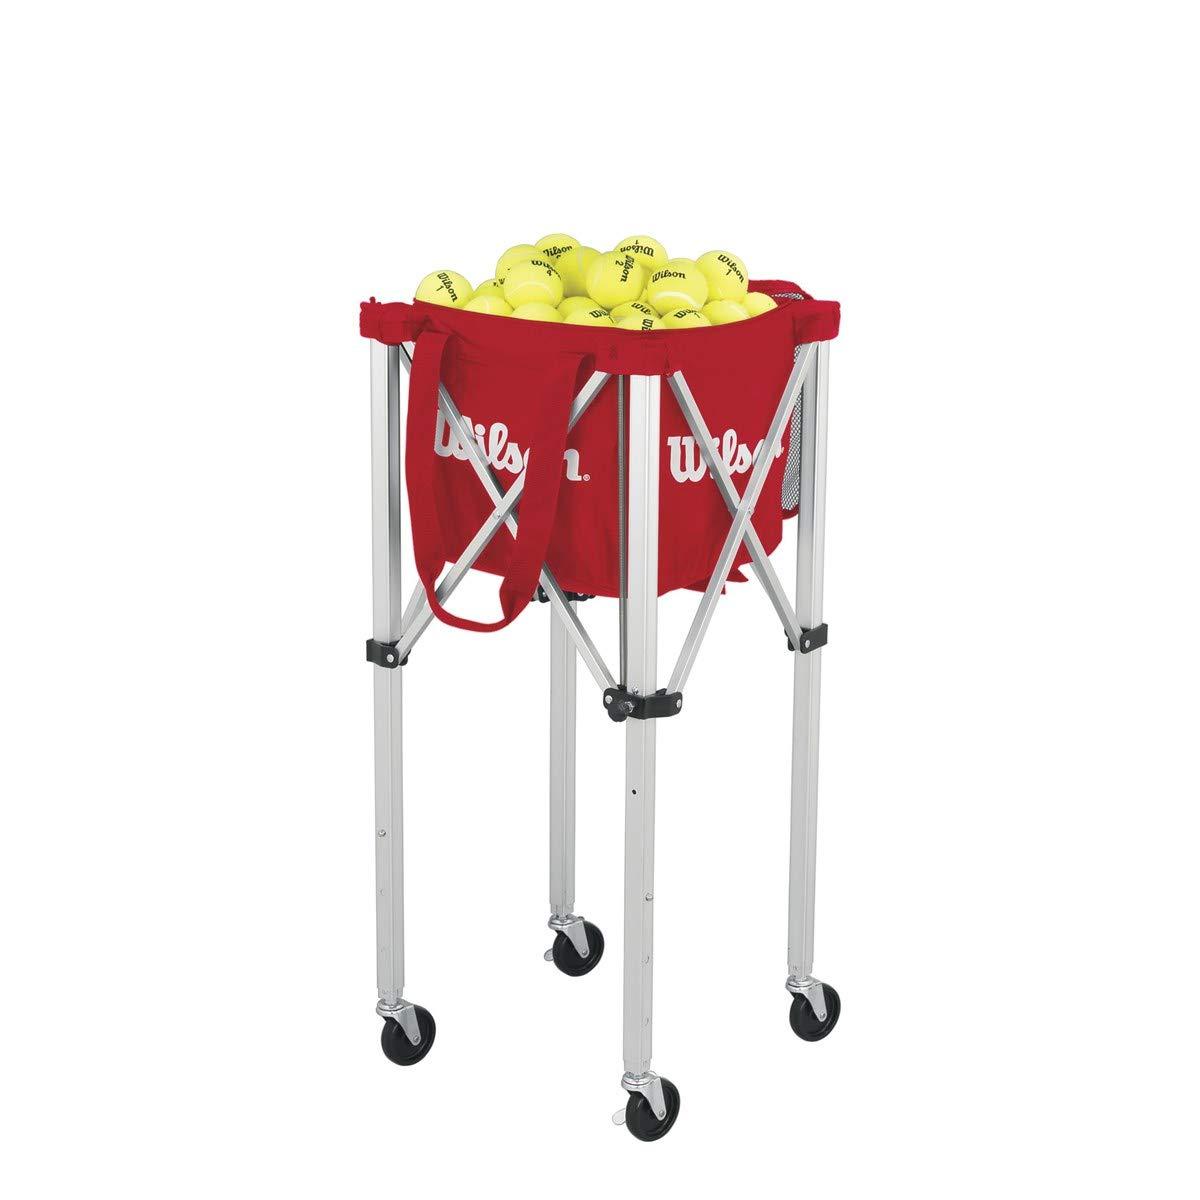 Wilson Ballwagen, Tennis Teaching Cart, für bis zu 150 Bälle, rot, WRZ541000 AMWI5|#Wilson